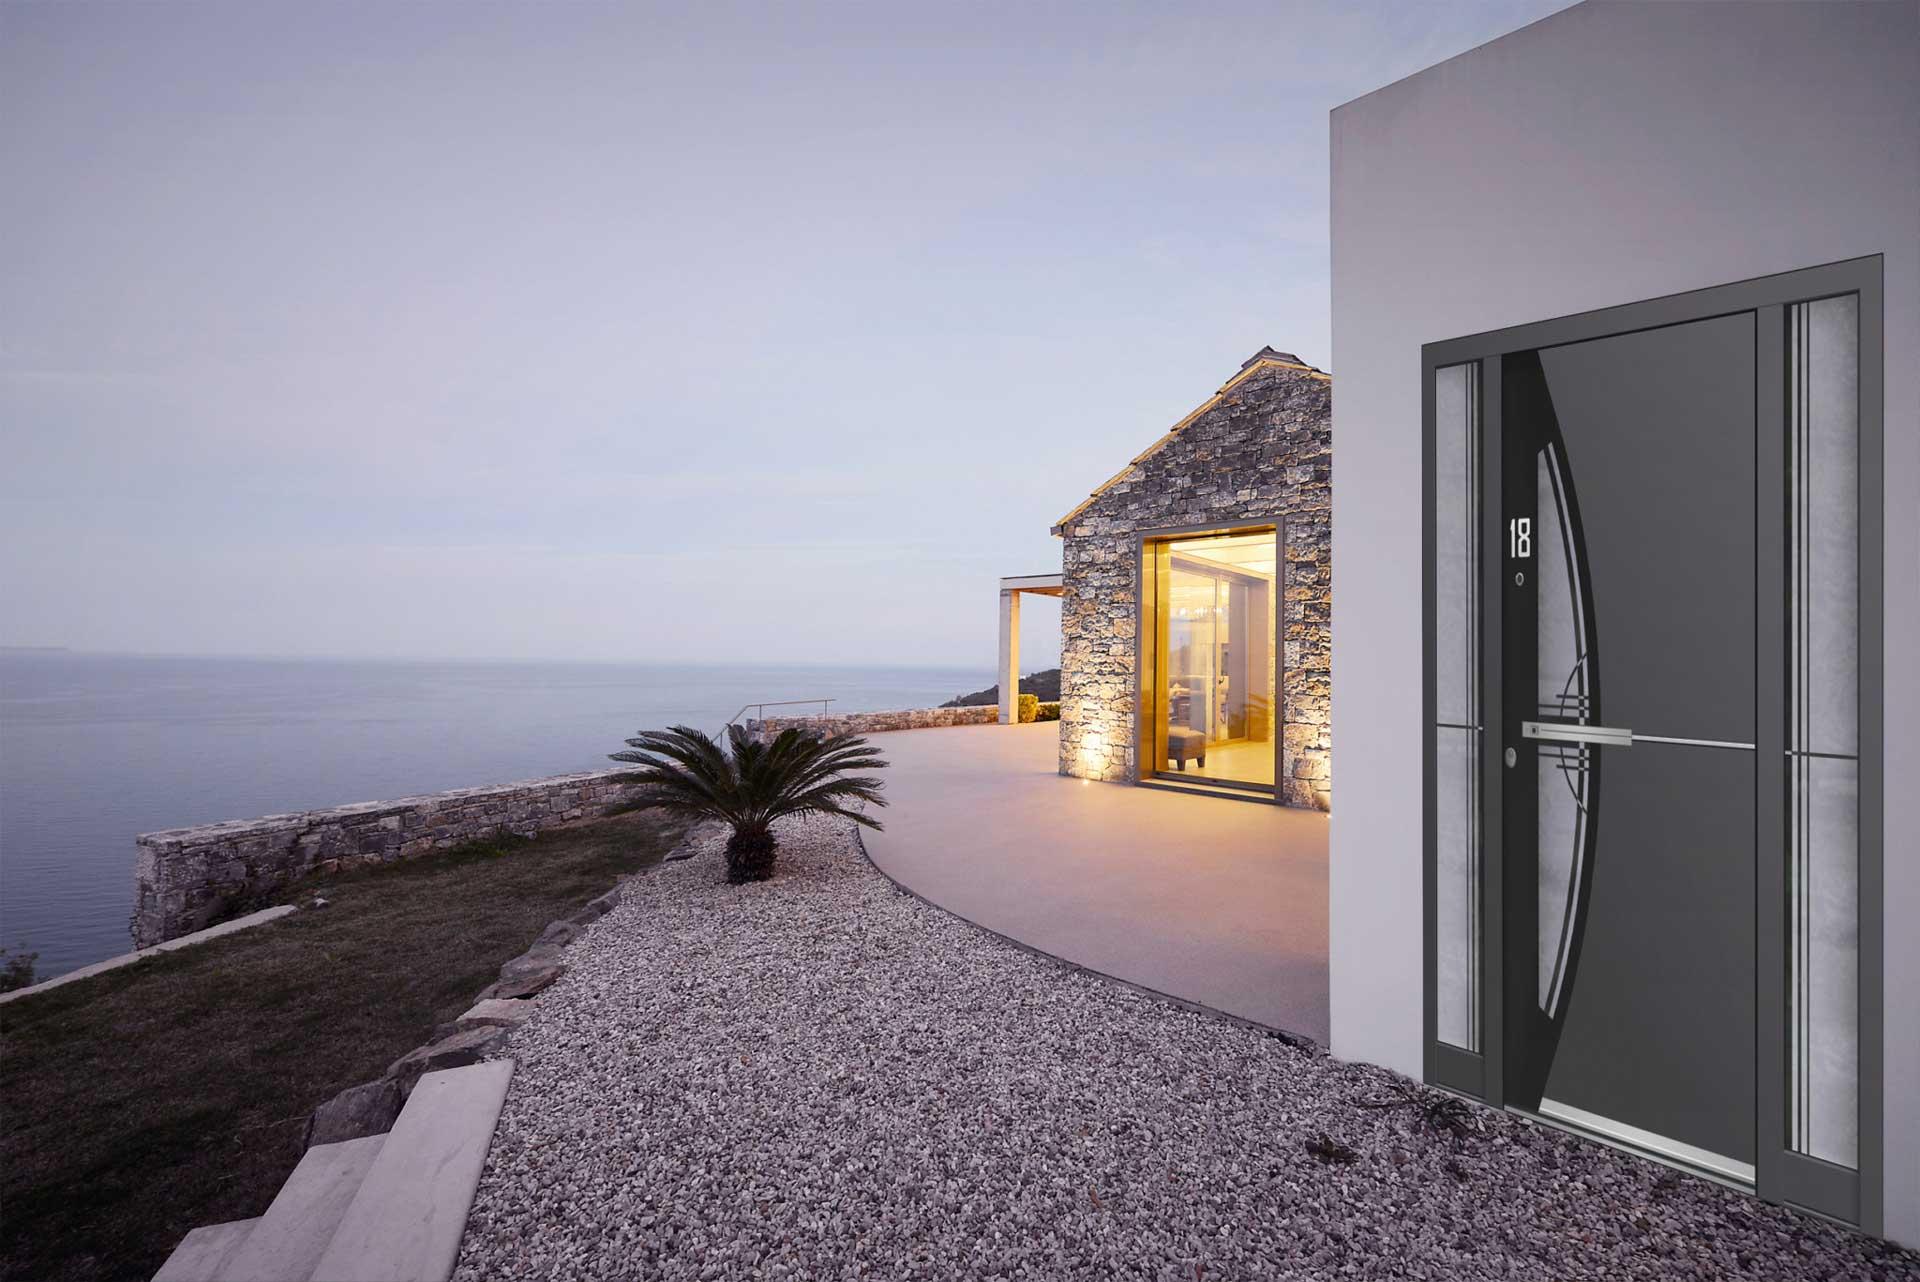 designer door by the ocean